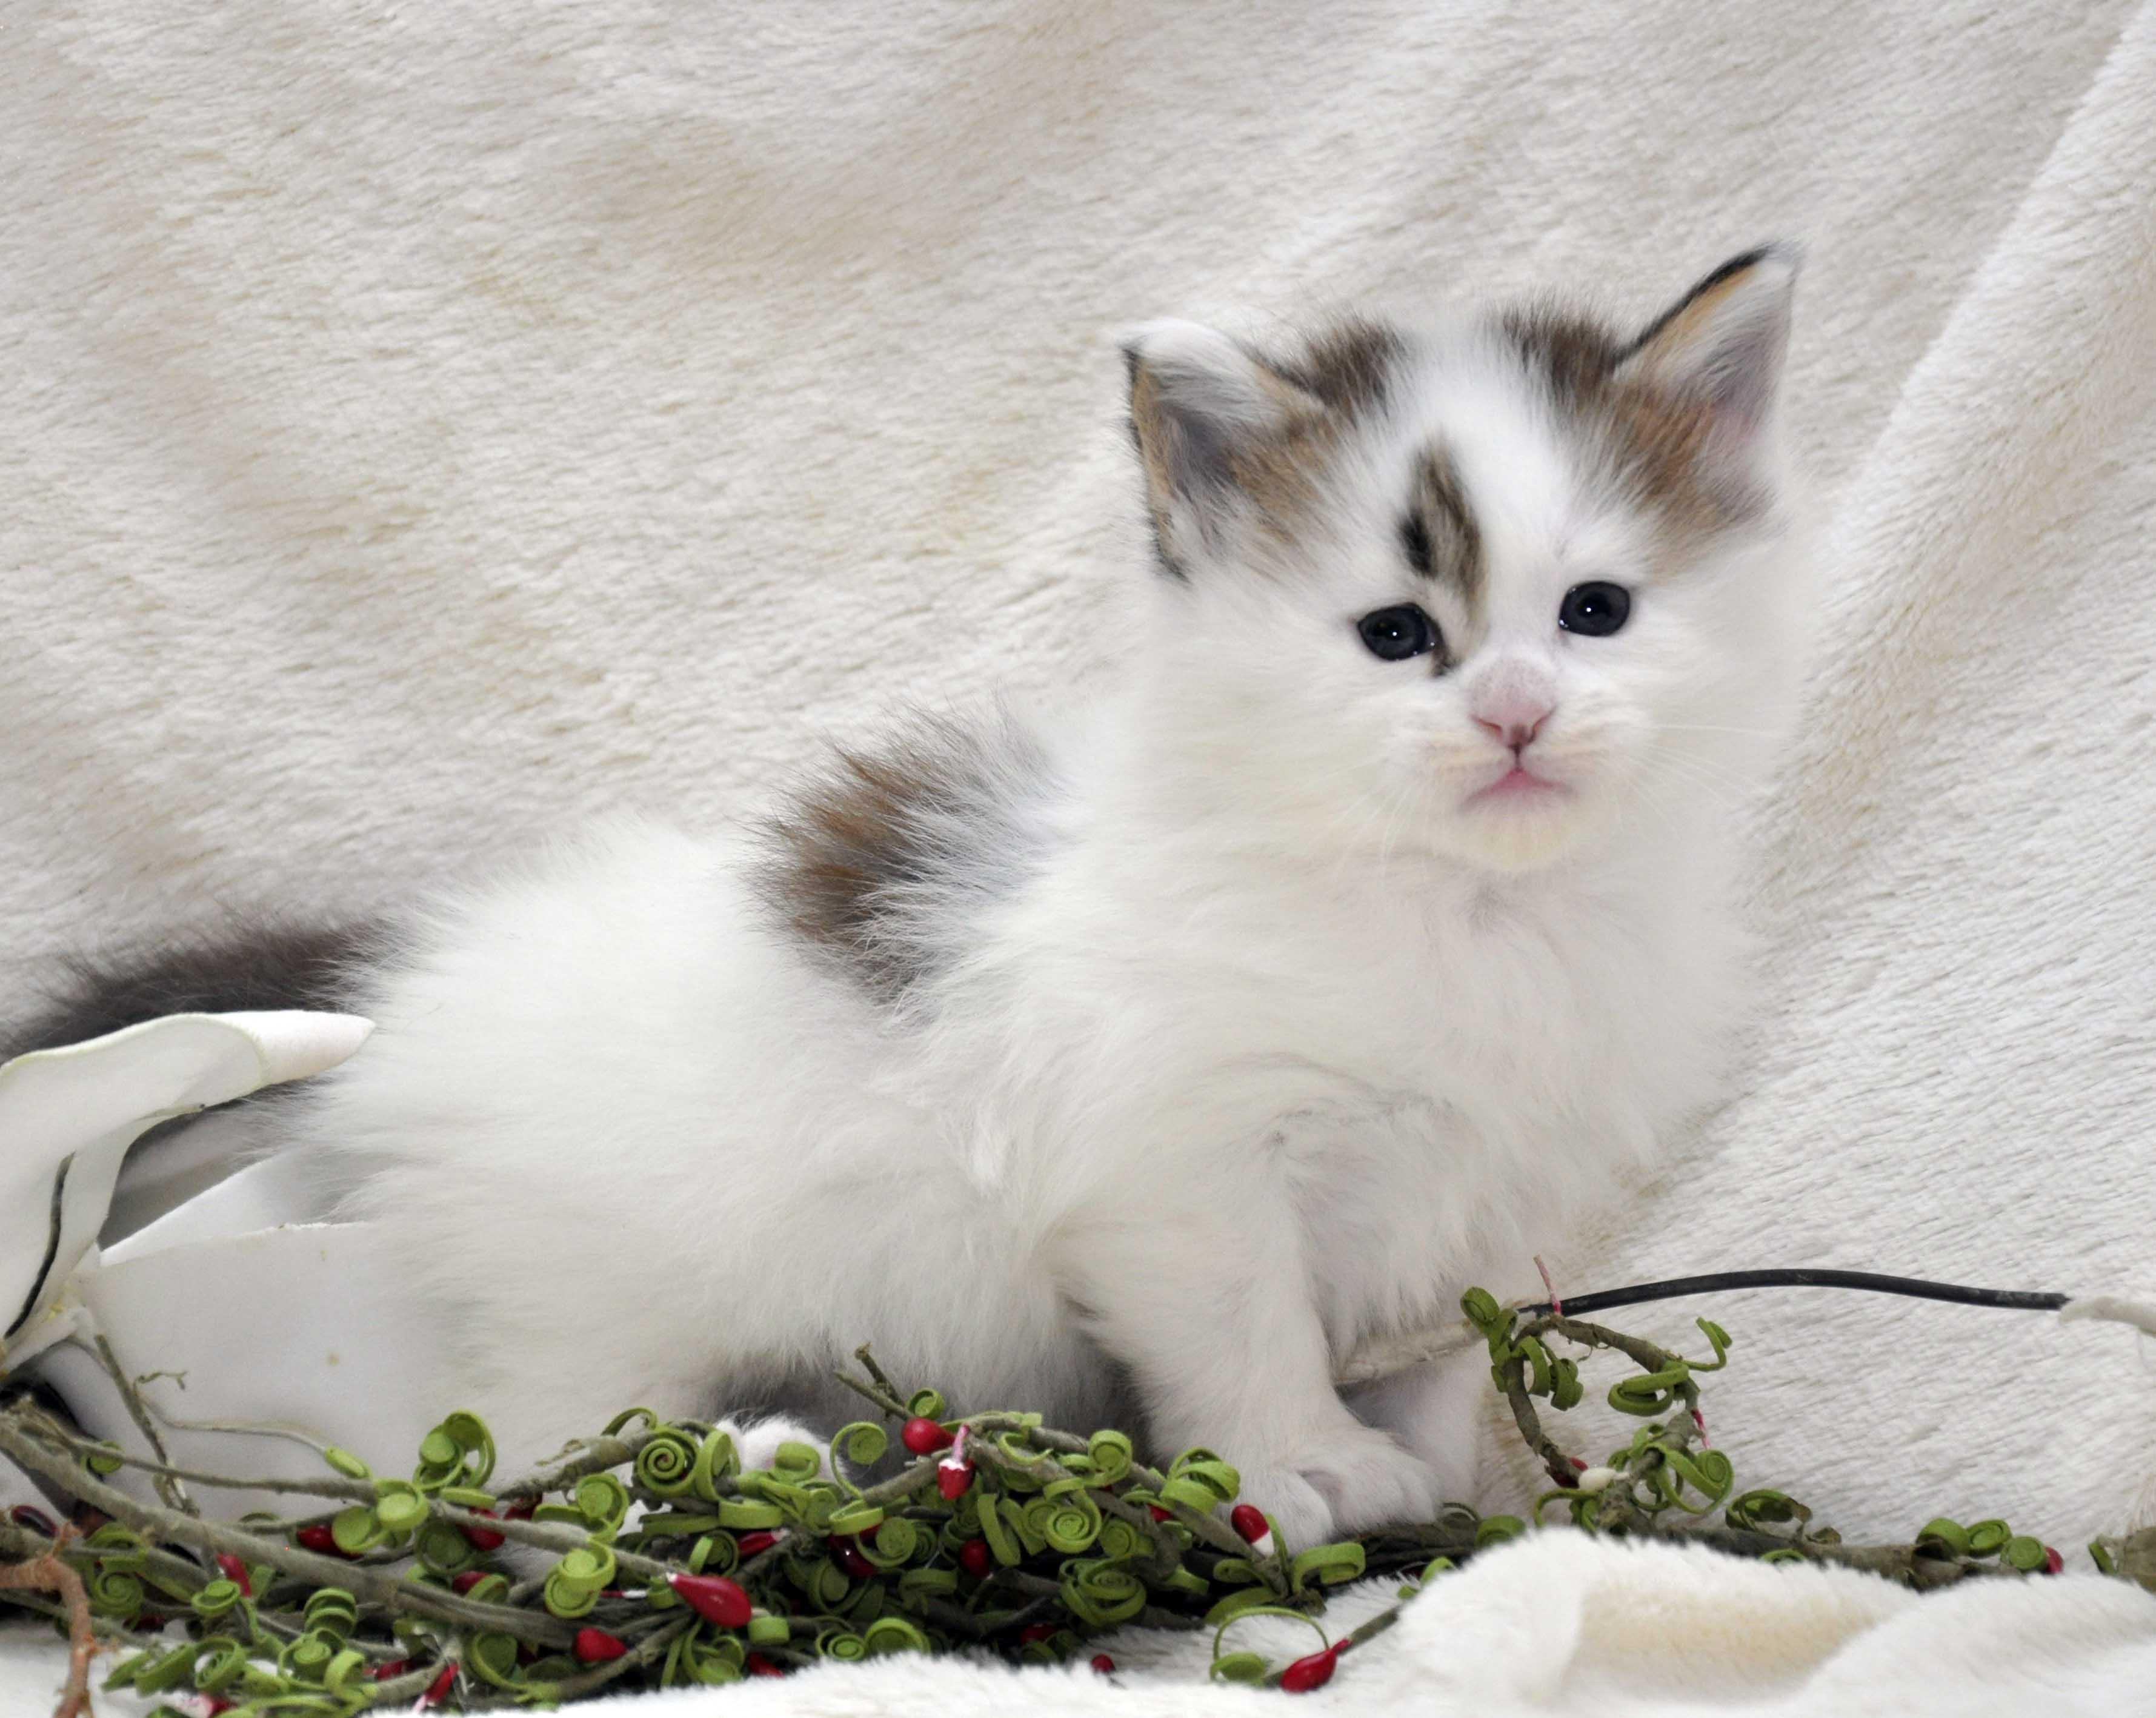 Кот Мейн Кун 1 (male) Eyktan TYSON 110418 фото 3